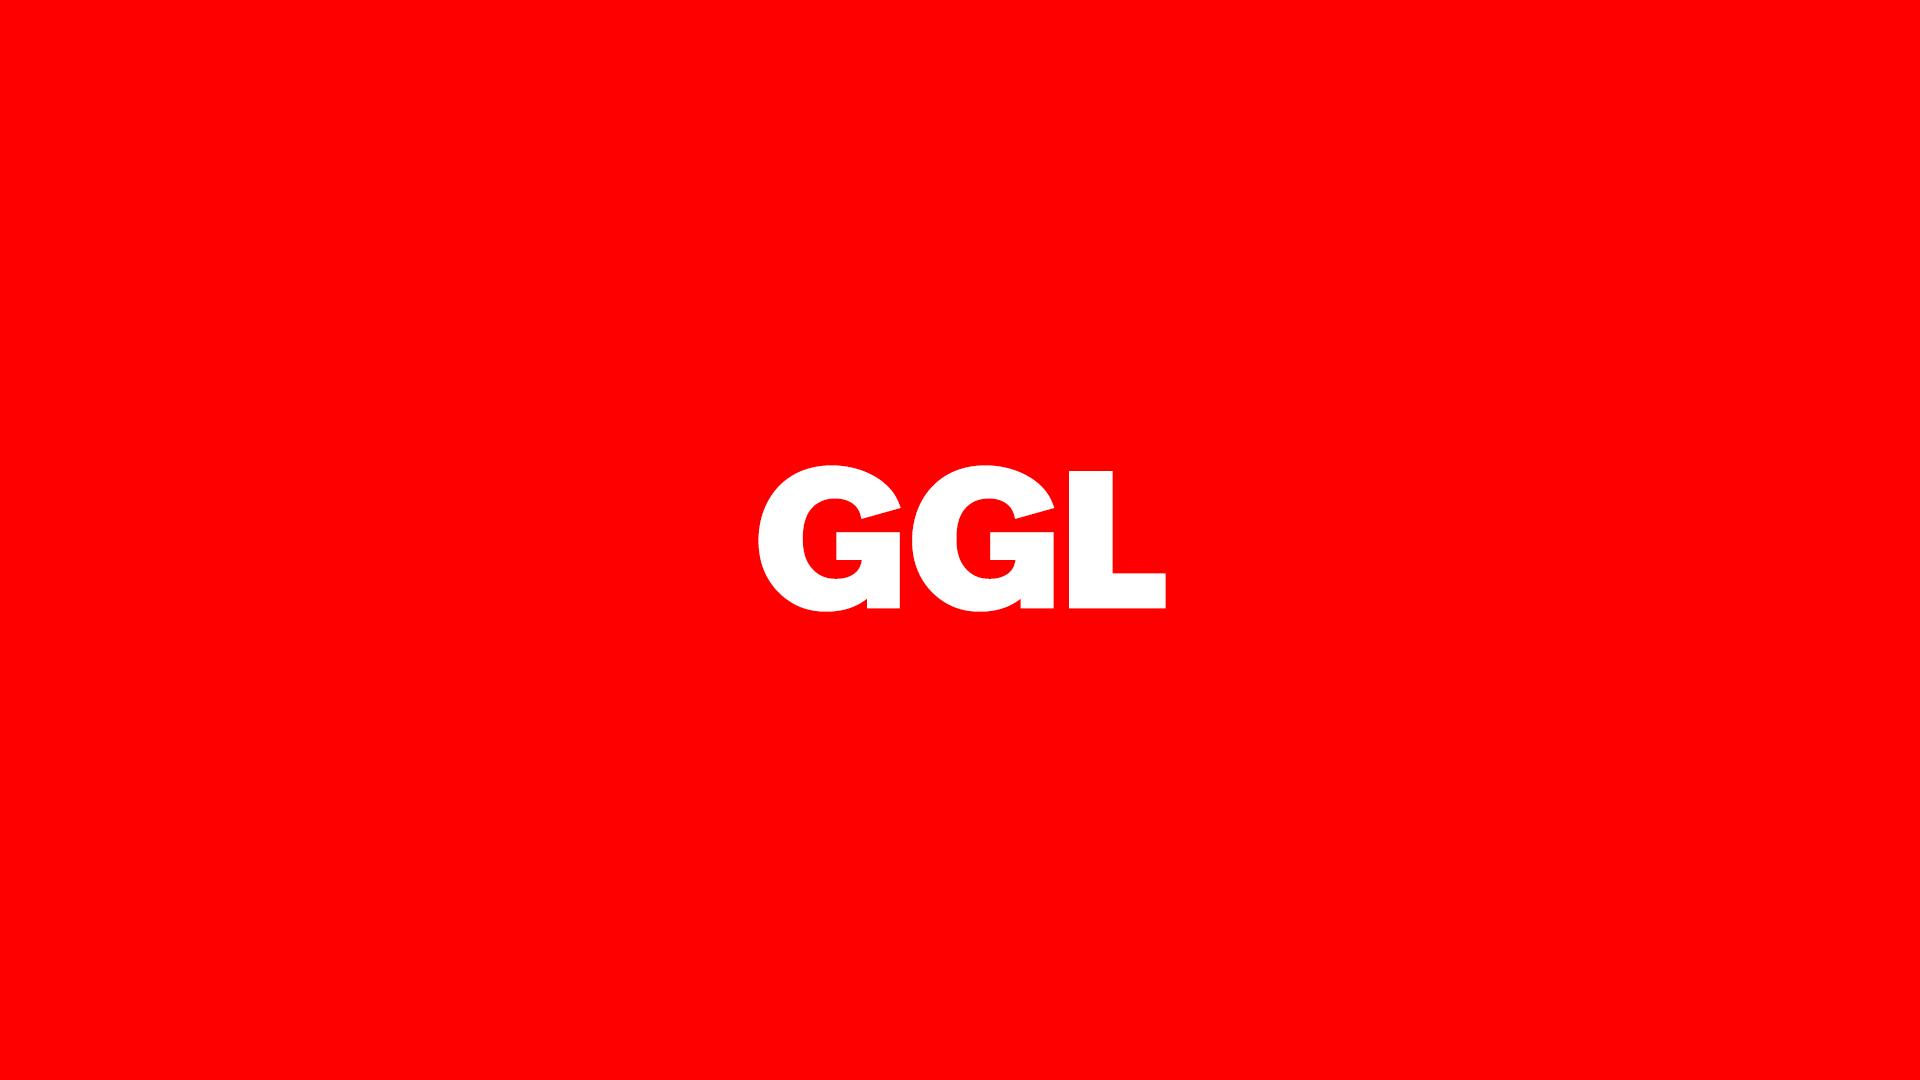 Im grafischen Gewerbe standen die drei Buchstaben »GGL« gewissermaßen als Markenzeichen für den Typografen und Schriftgestalteren Günter Gerhard Lange (1921–2008).